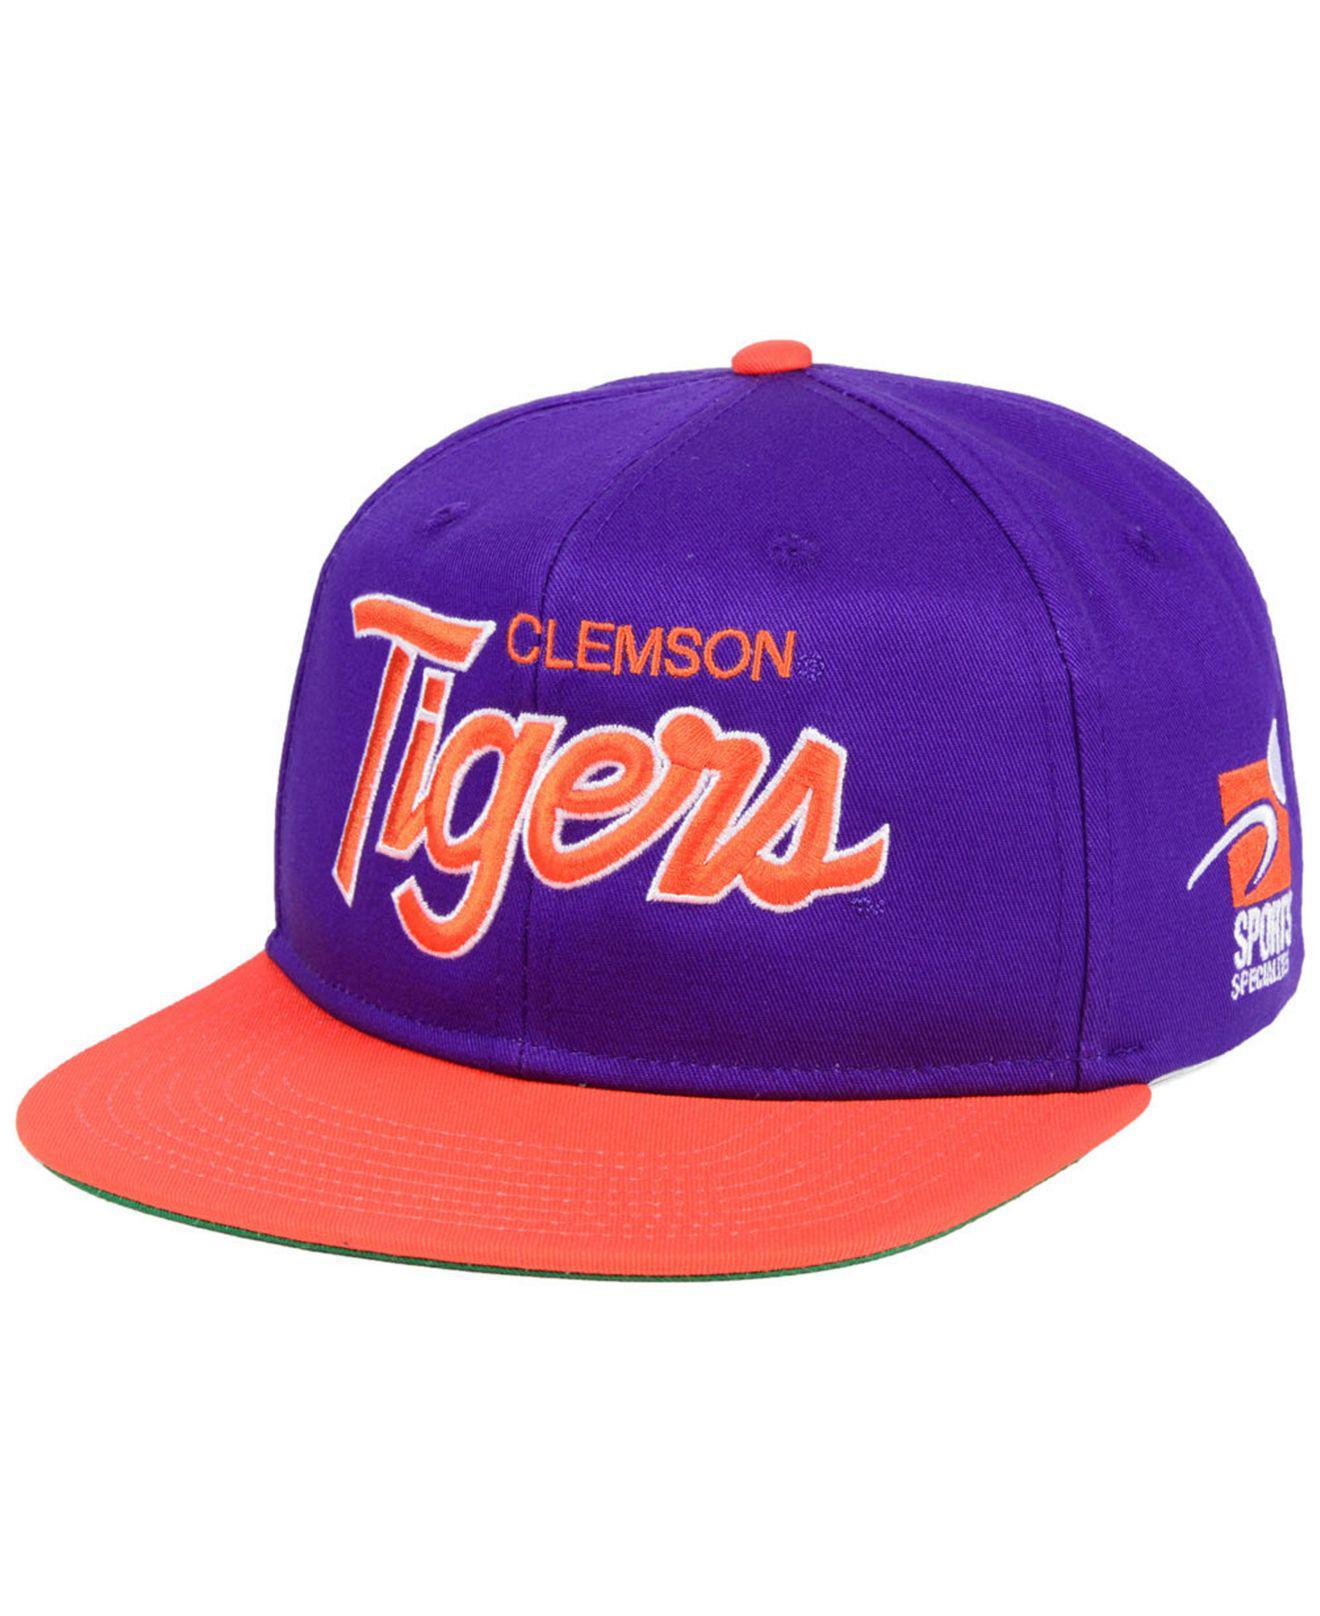 ff47f9c6f34 Lyst - Nike Clemson Tigers Sport Specialties Snapback Cap in Purple ...